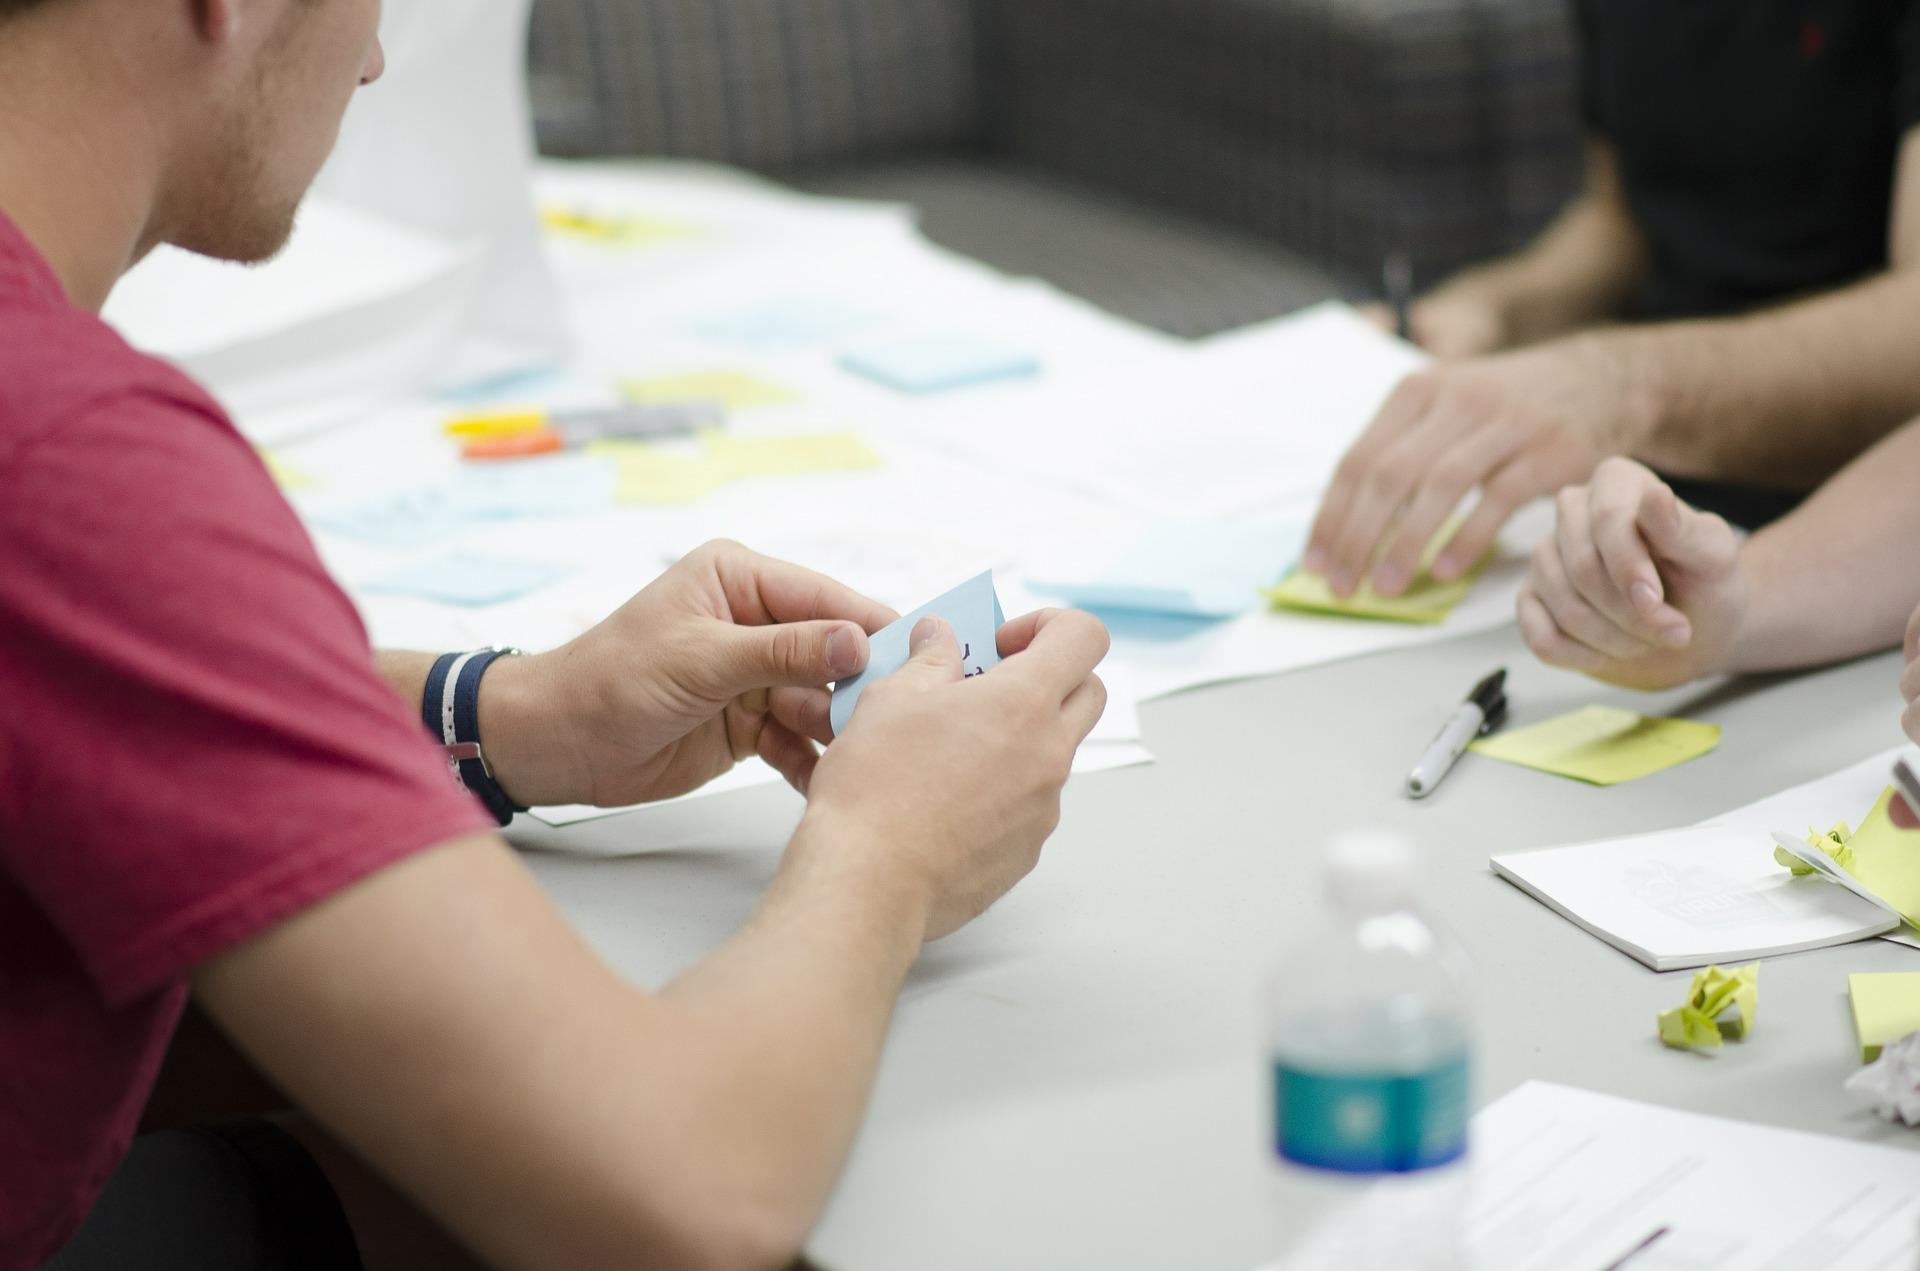 Das Foto zeigt einen Tisch. darauf liegen diverse Schreibmaterialien wie Klebezettel und Papier. Man sieht zwei Händepaare, die Klebezettel aufkleben.